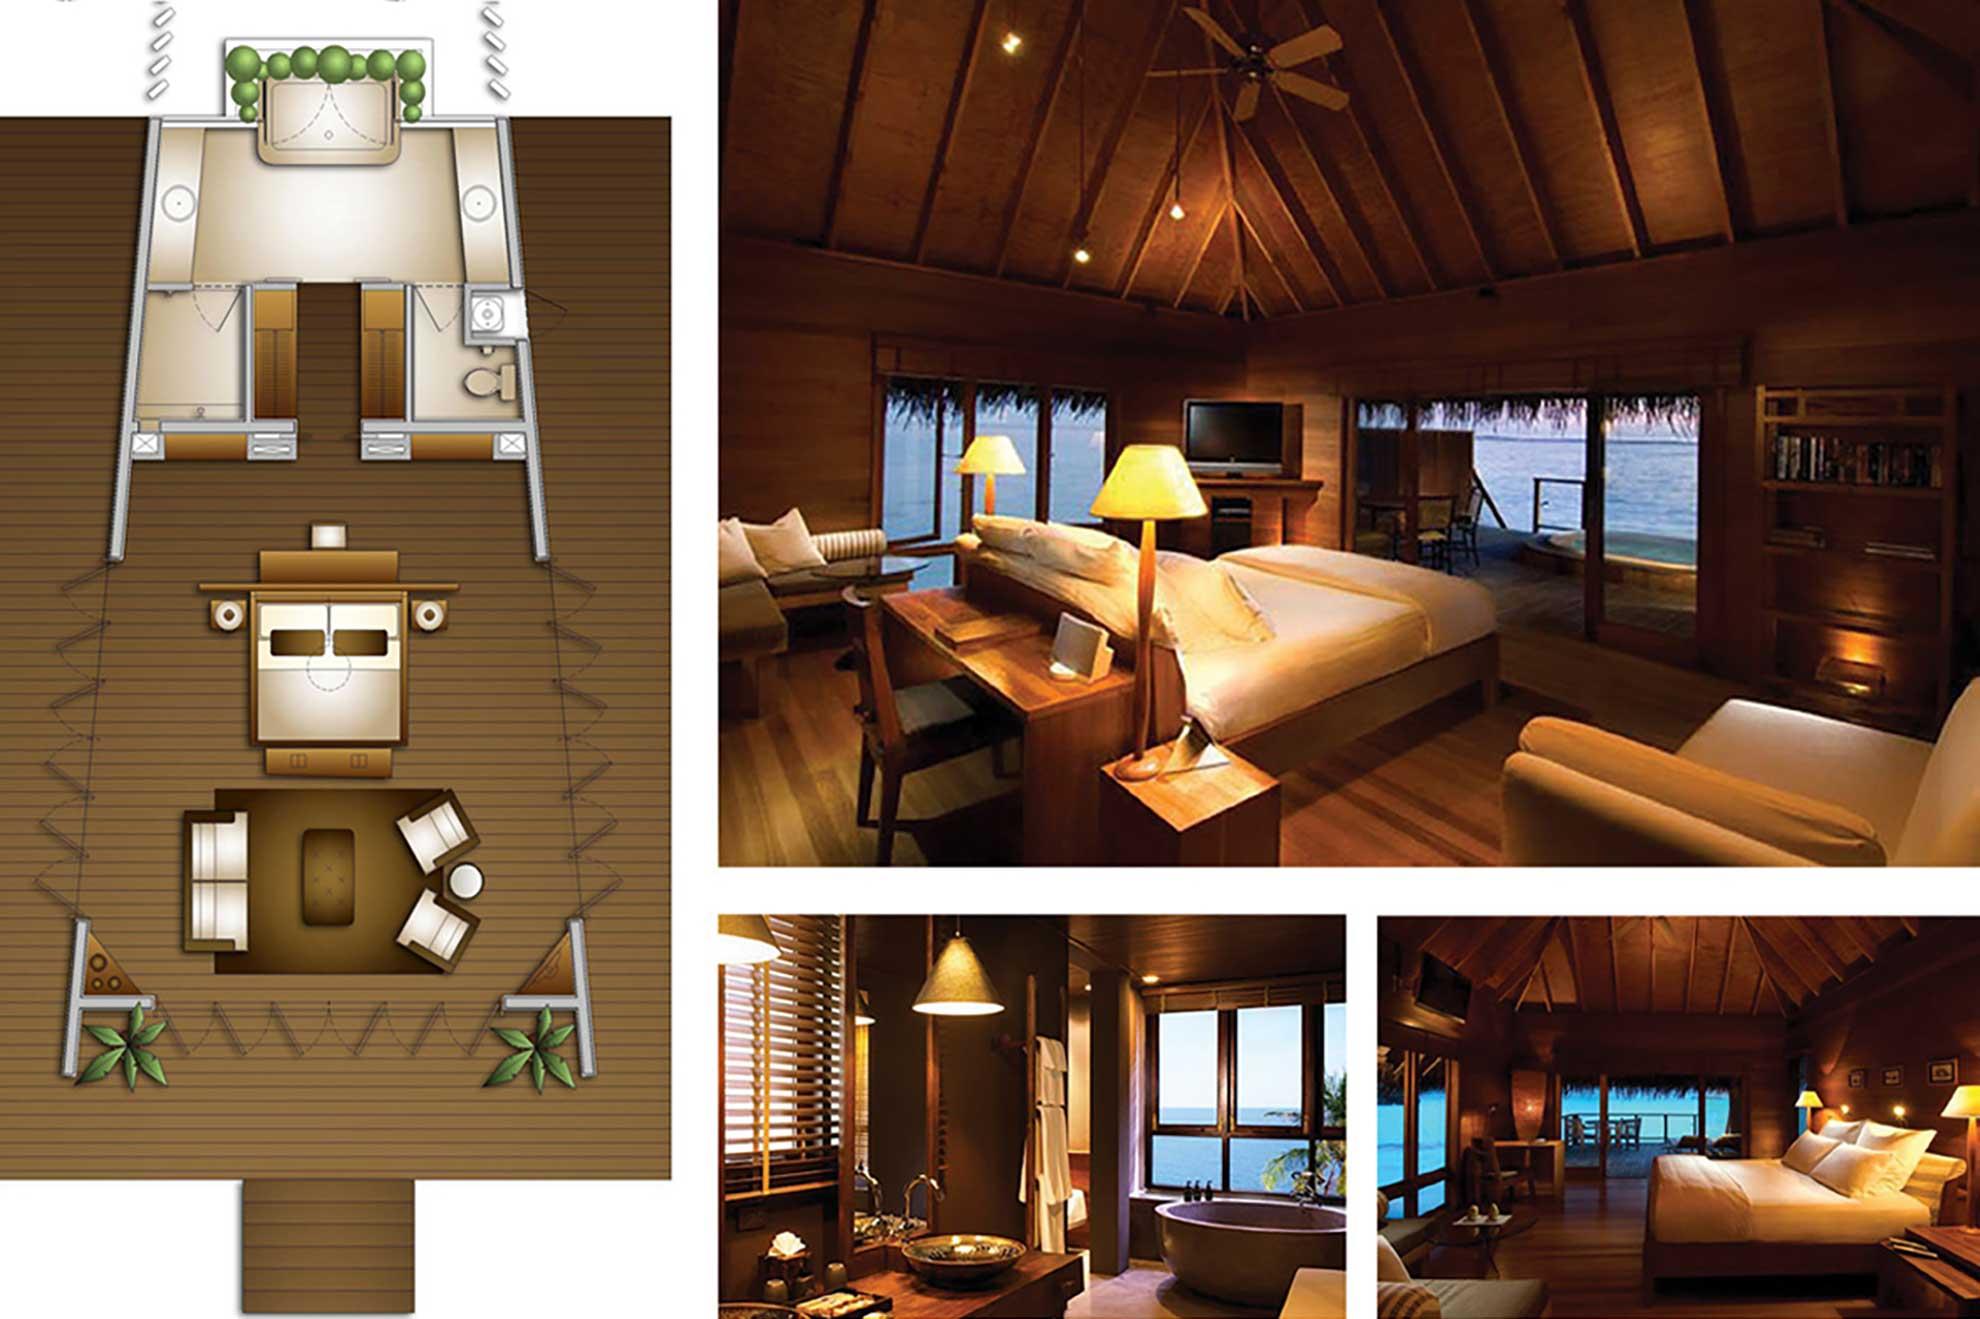 Render de las habitaciones para las Villas presidenciales ubicadas en Cancún Quintana Roo, diseñadas y creadas por Depa 102